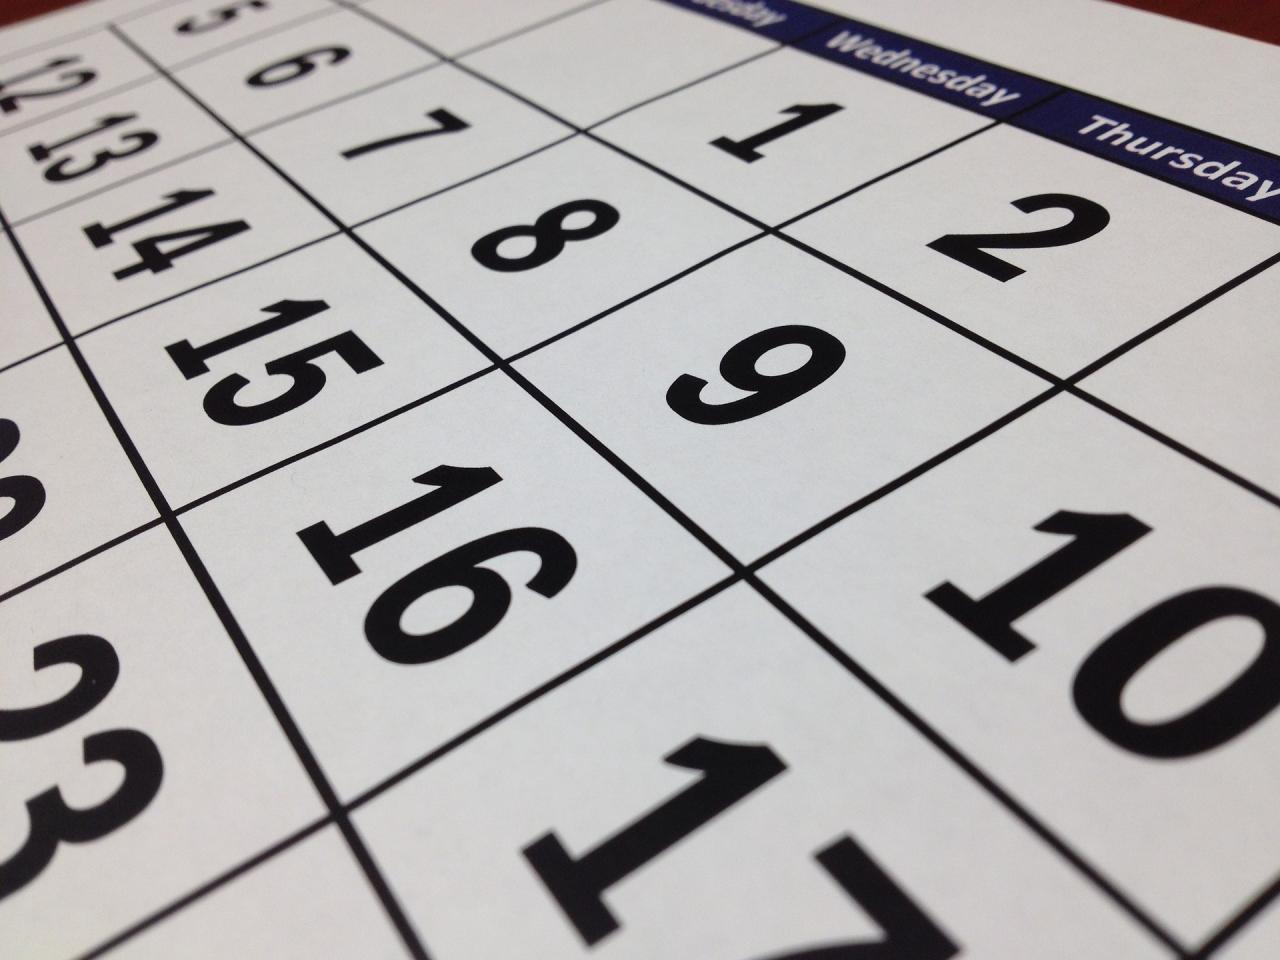 Calendario Laboral 2020 Palma De Mallorca.Calendario Laboral De 2020 Festivos En Baleares